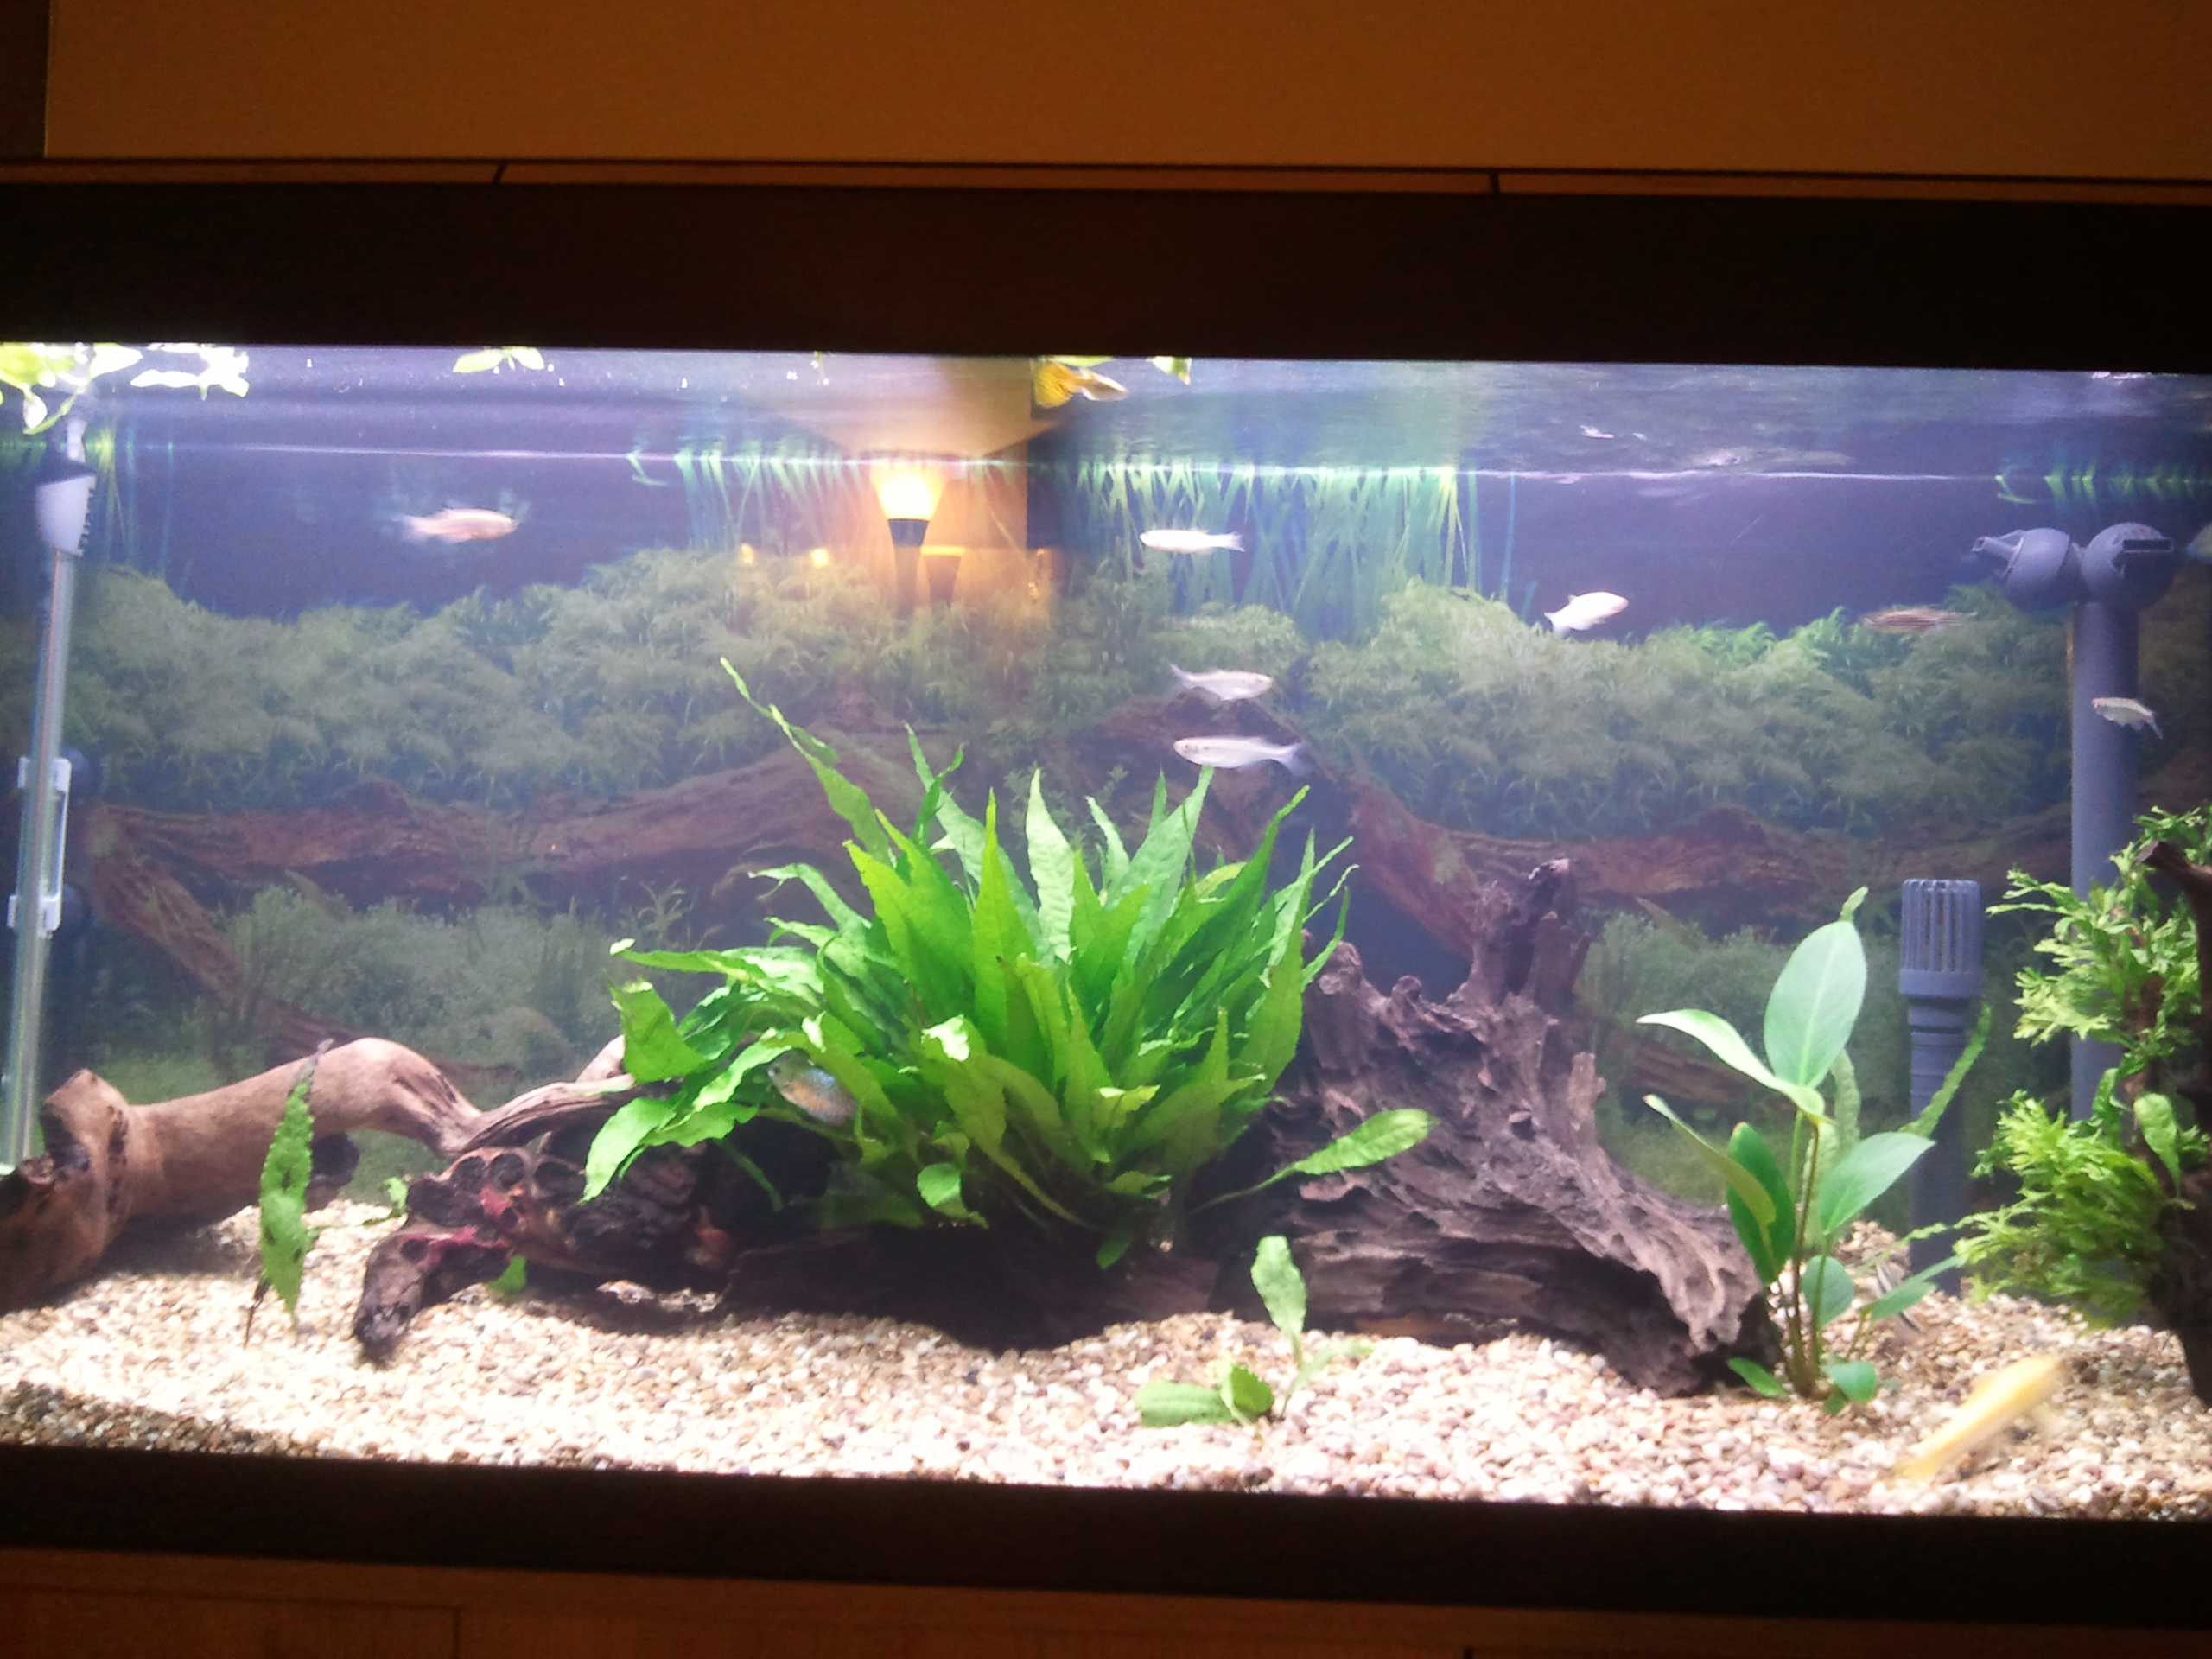 Fluval roma 240 aquarium fish tank - 9204_4cb21f1b7ab8a Jpg 2560x1920 Px